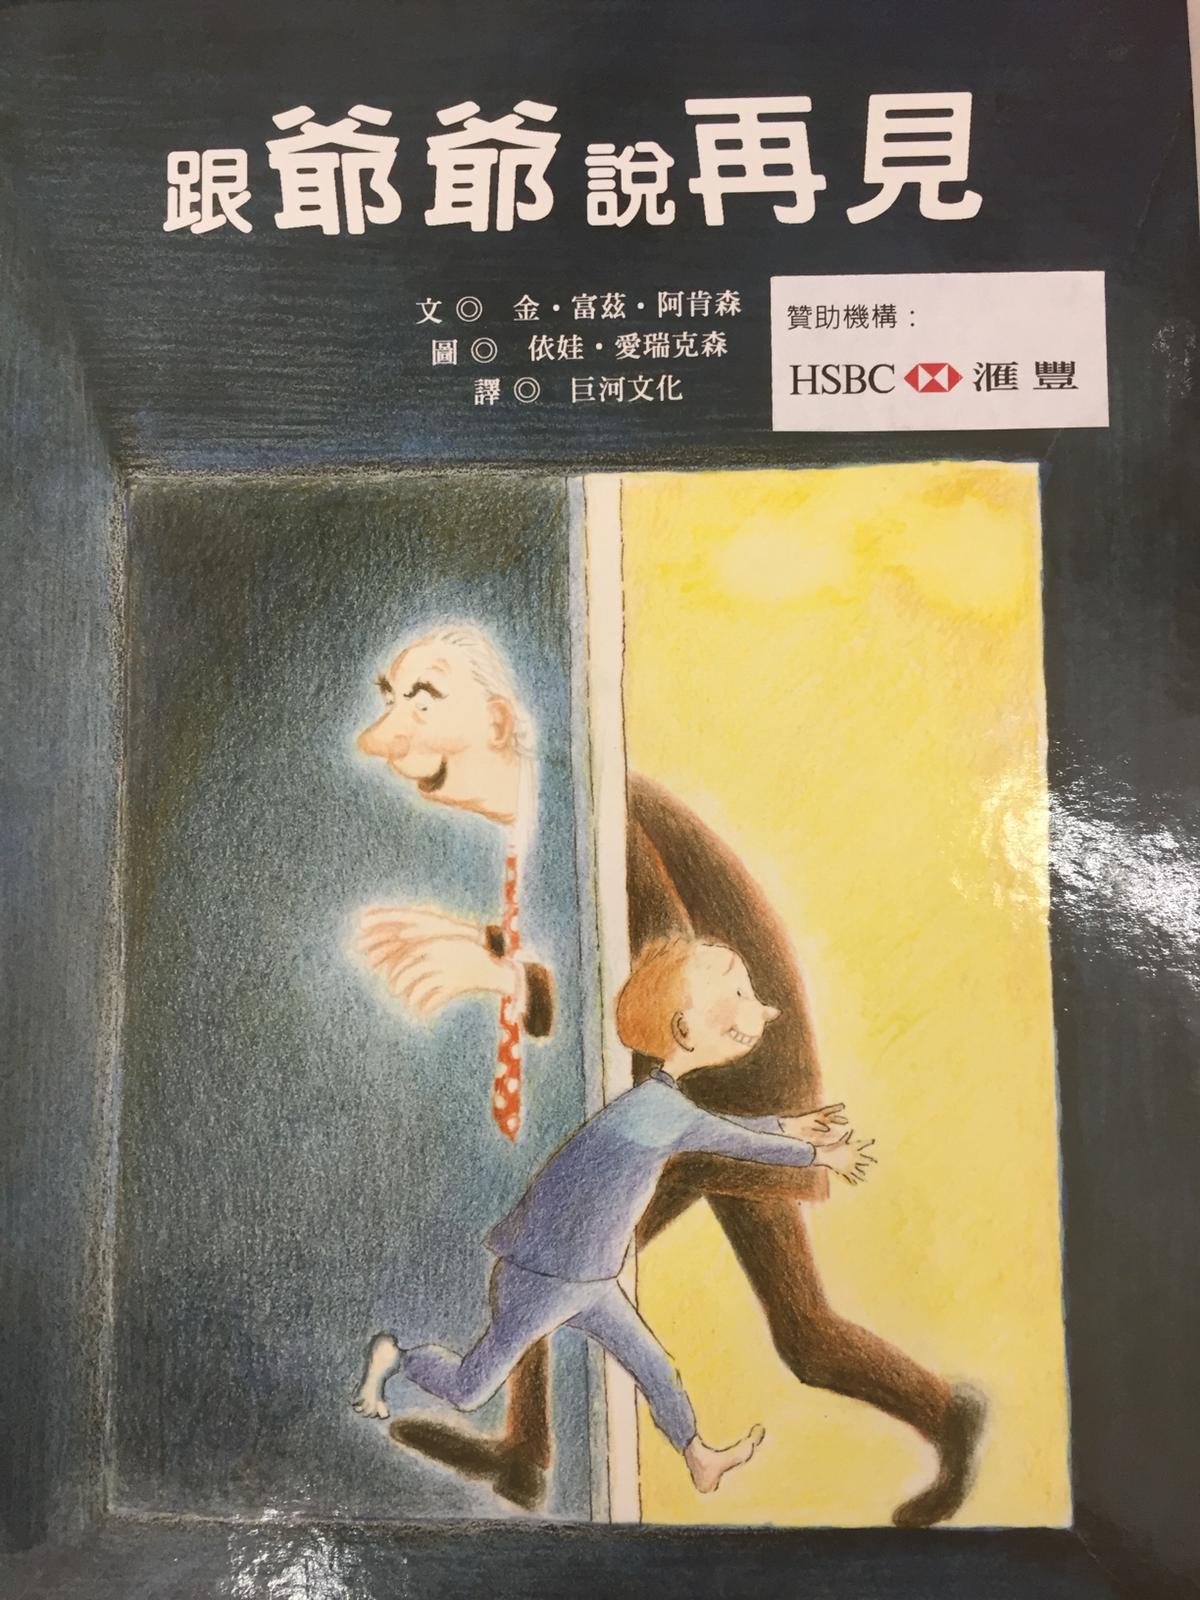 【生死教育繪本系列10】《跟爺爺說再見》